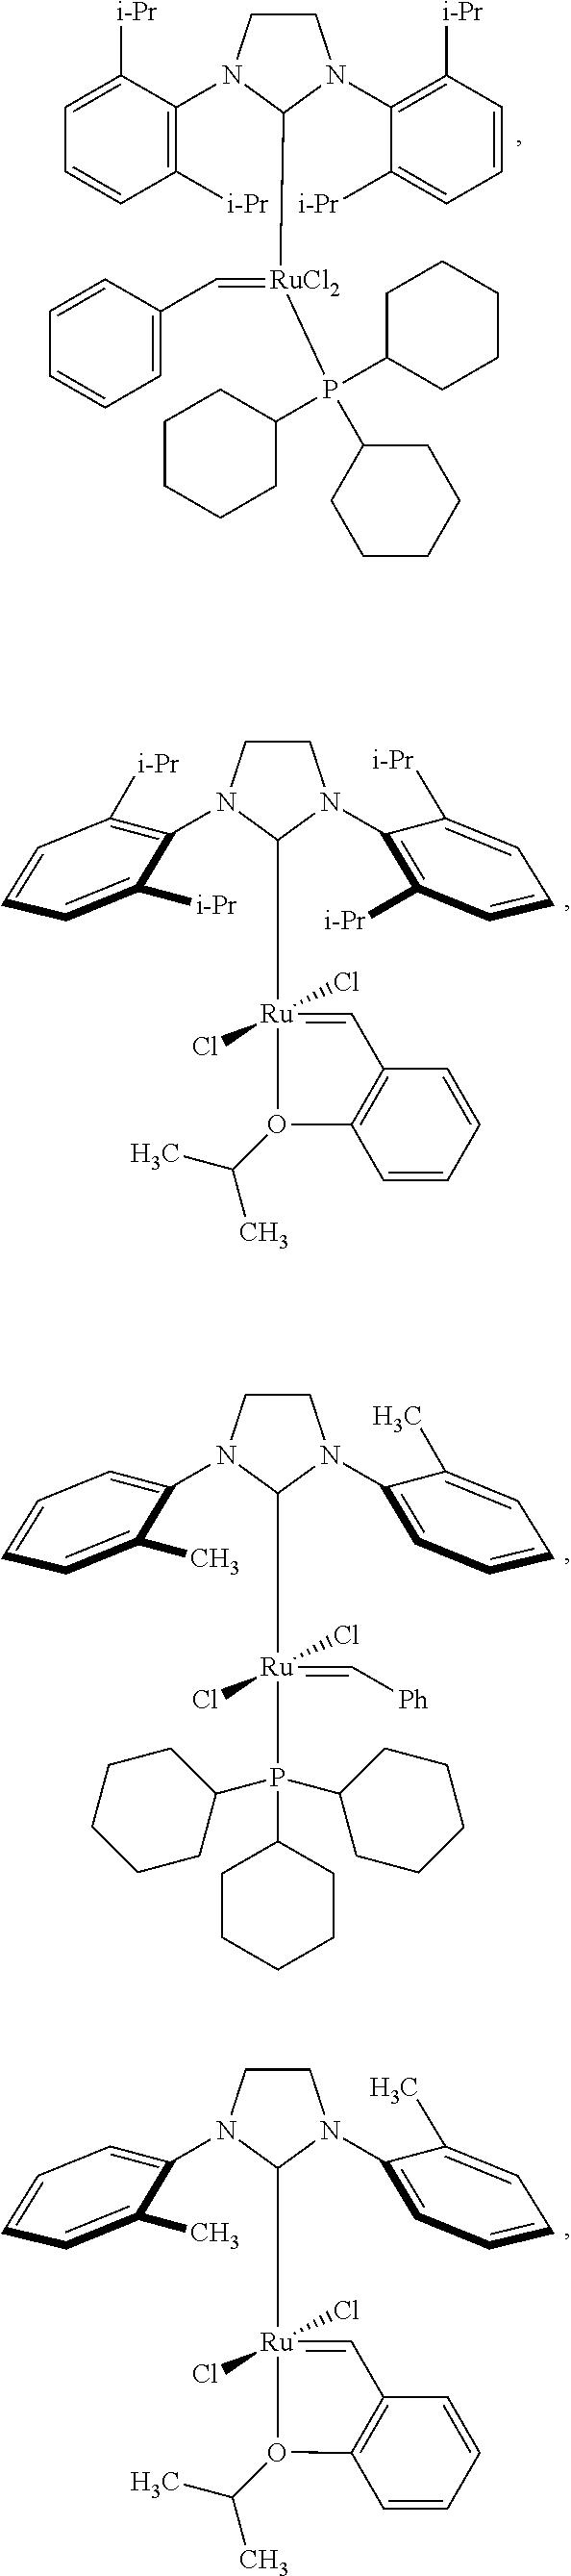 Figure US09193835-20151124-C00018